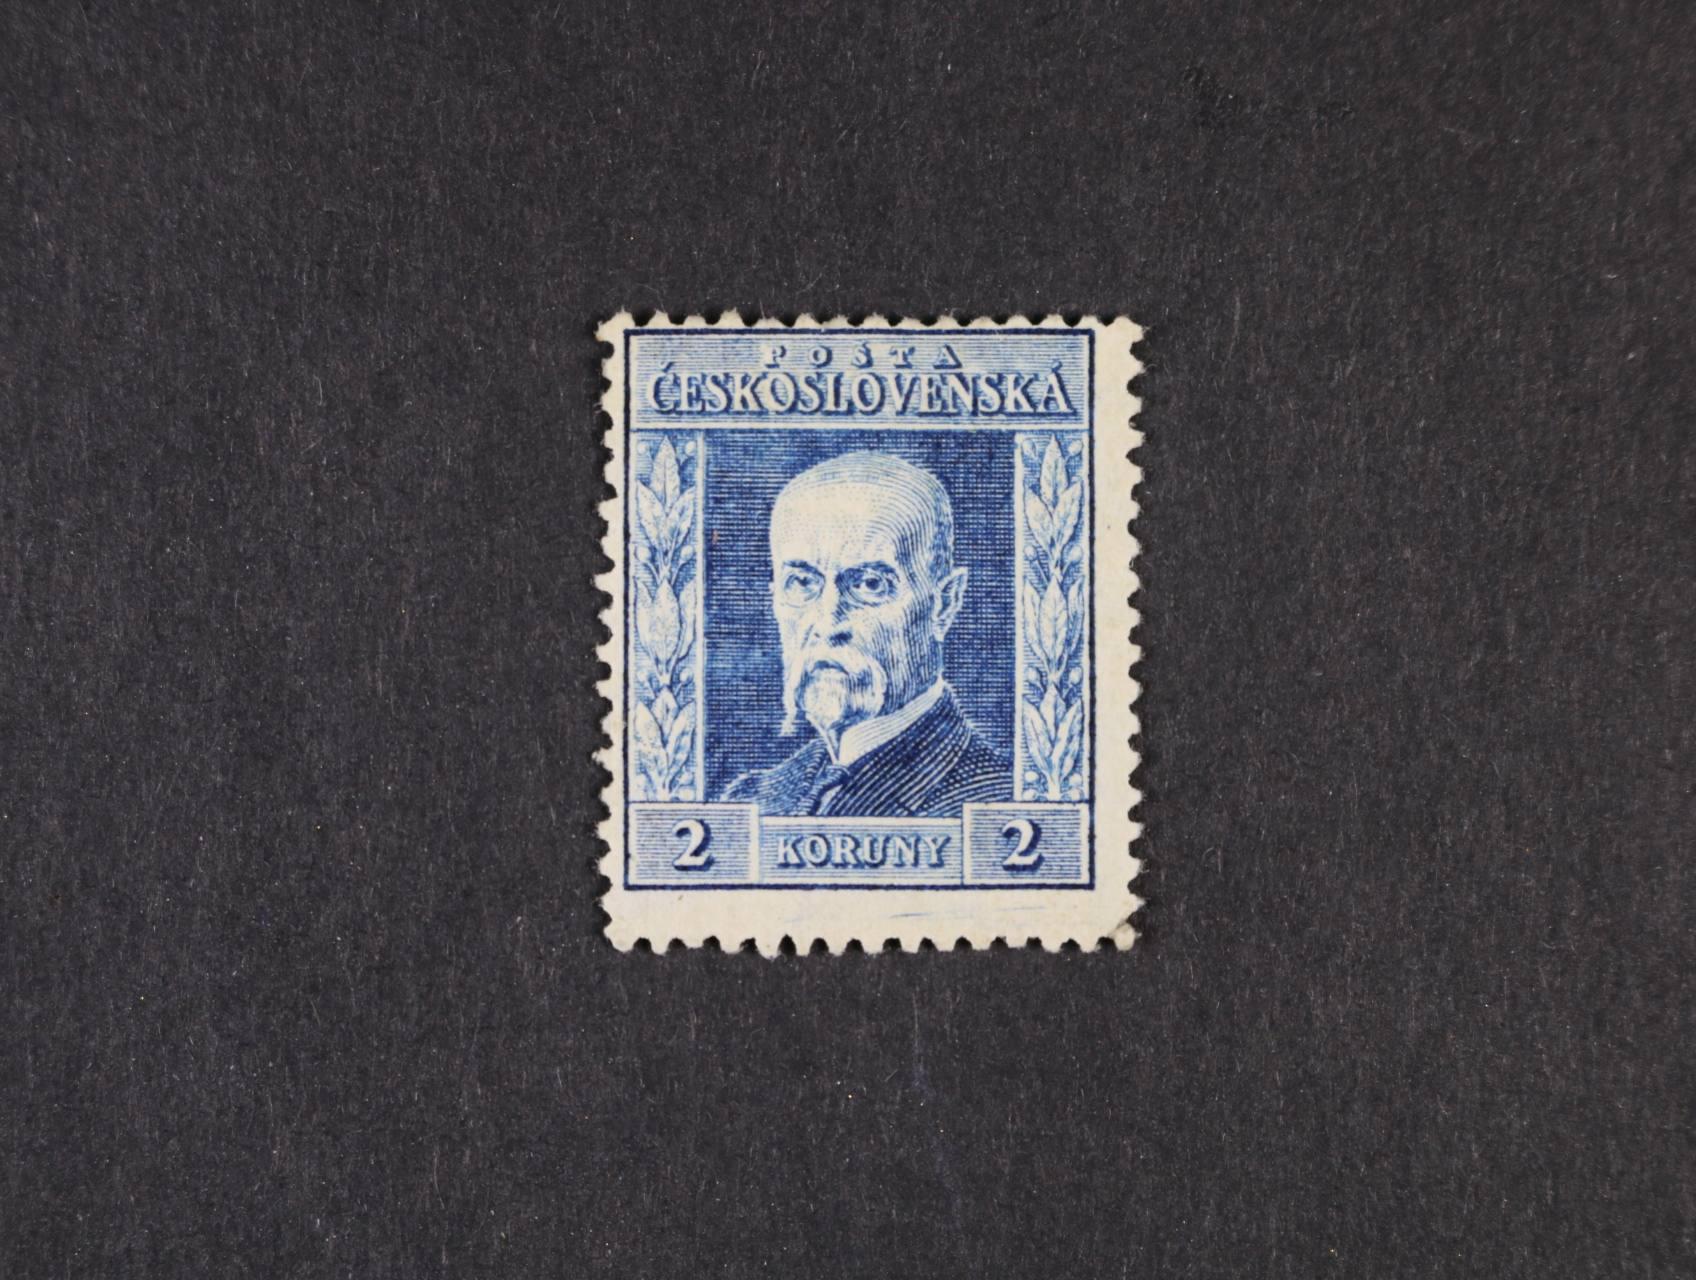 zn. č. 191 A I, pr. 3, zk. Majer